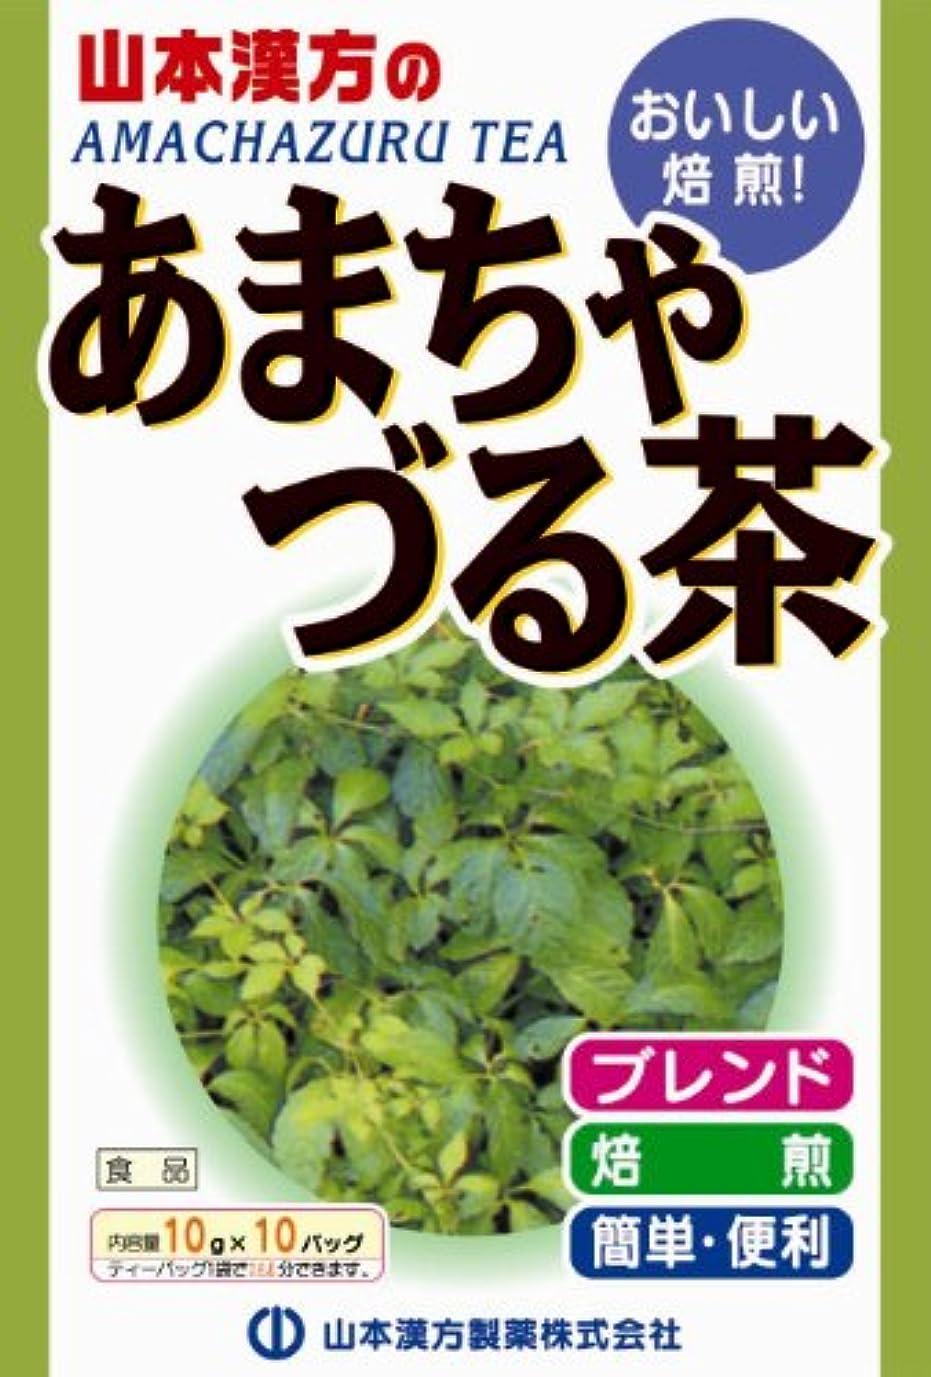 漁師炭素右山本漢方製薬 アマチャヅル茶 10gX10H